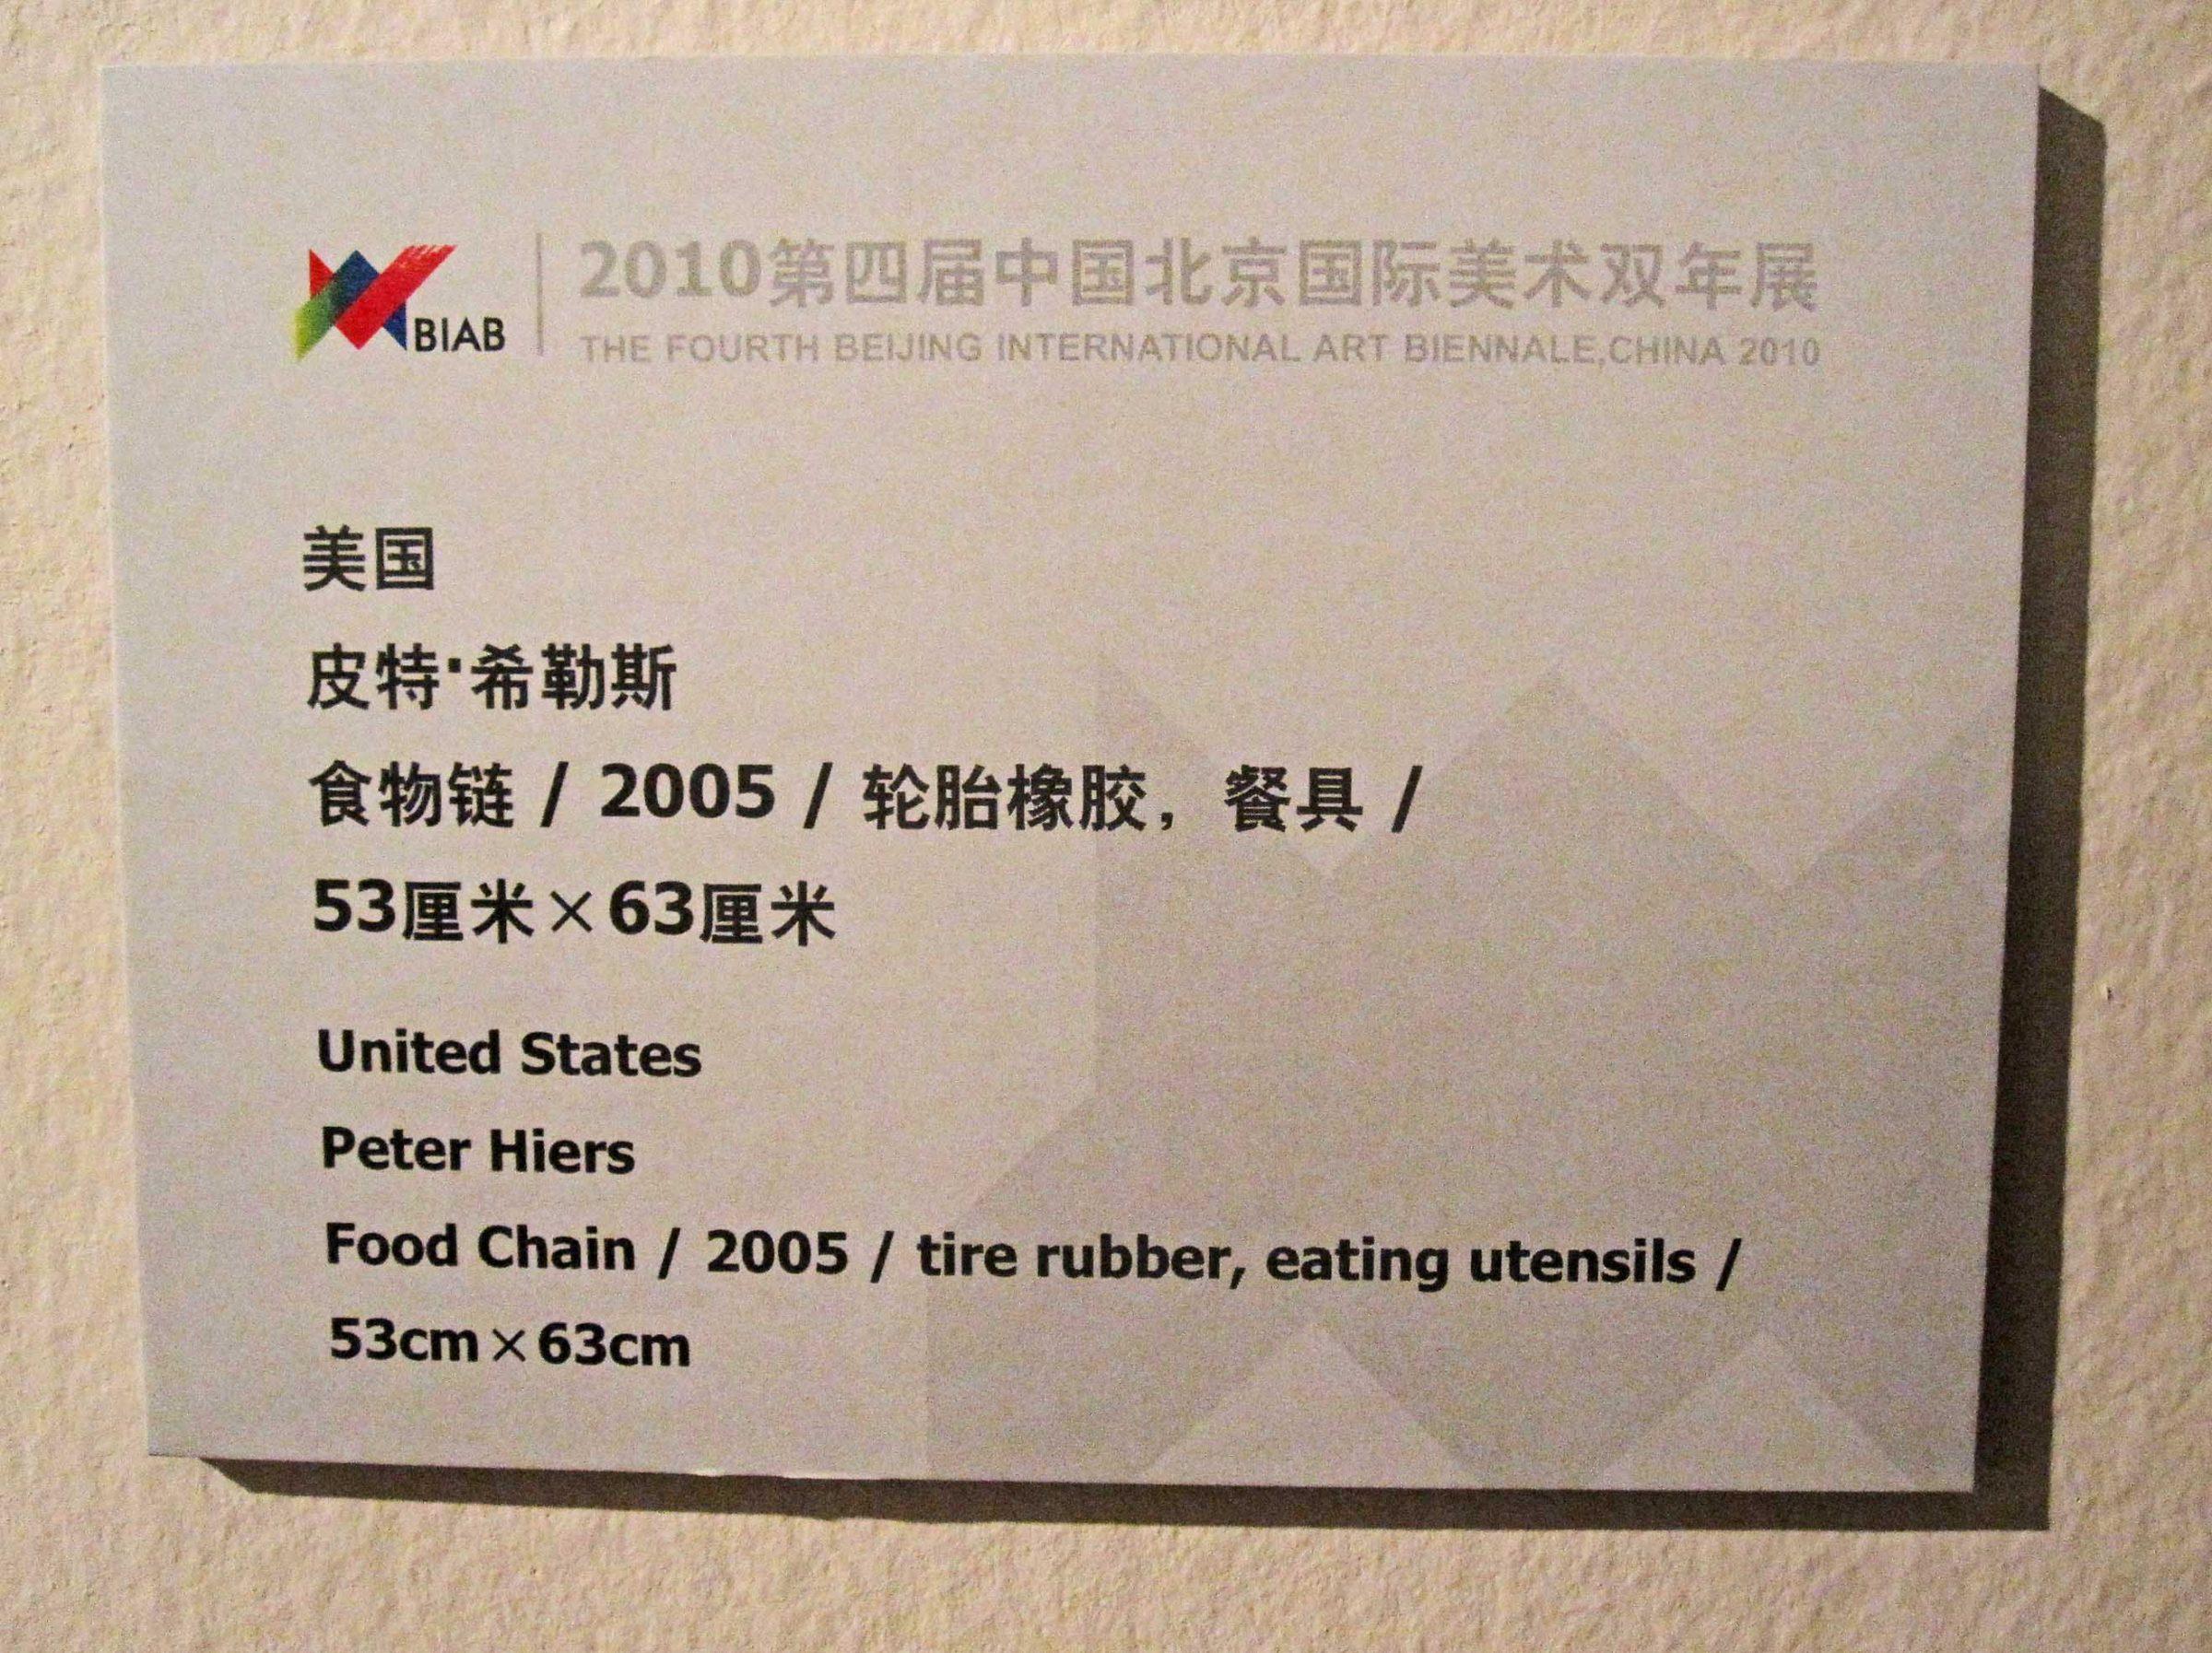 Food Chain 4